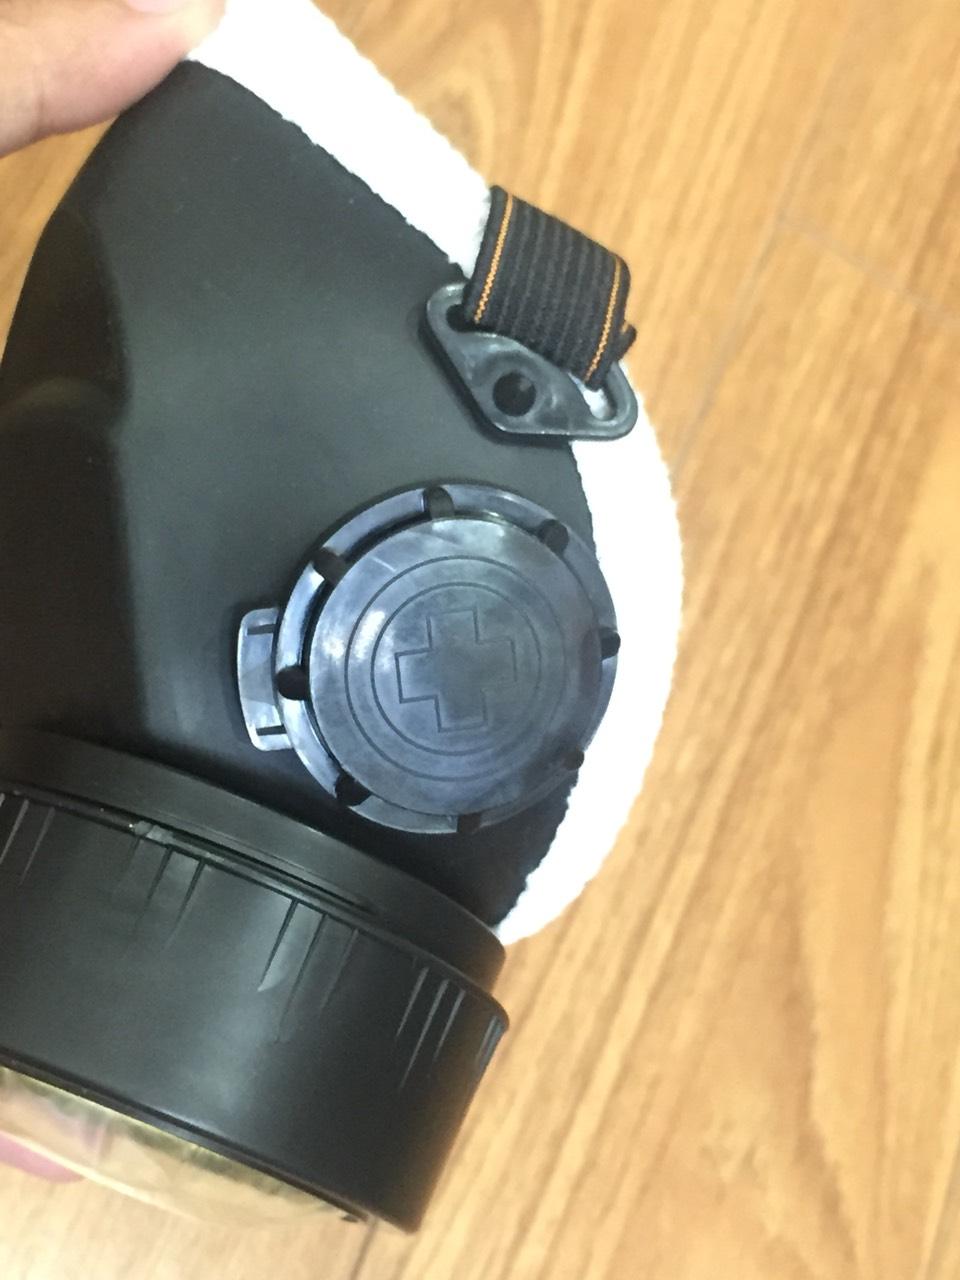 Bộ bảo vệ hô hấp: Mặt nạ phòng độc Blue Eagle NP 305 và 1 phin lọc độc RC 203 ; tặng 1 móc treo khóa